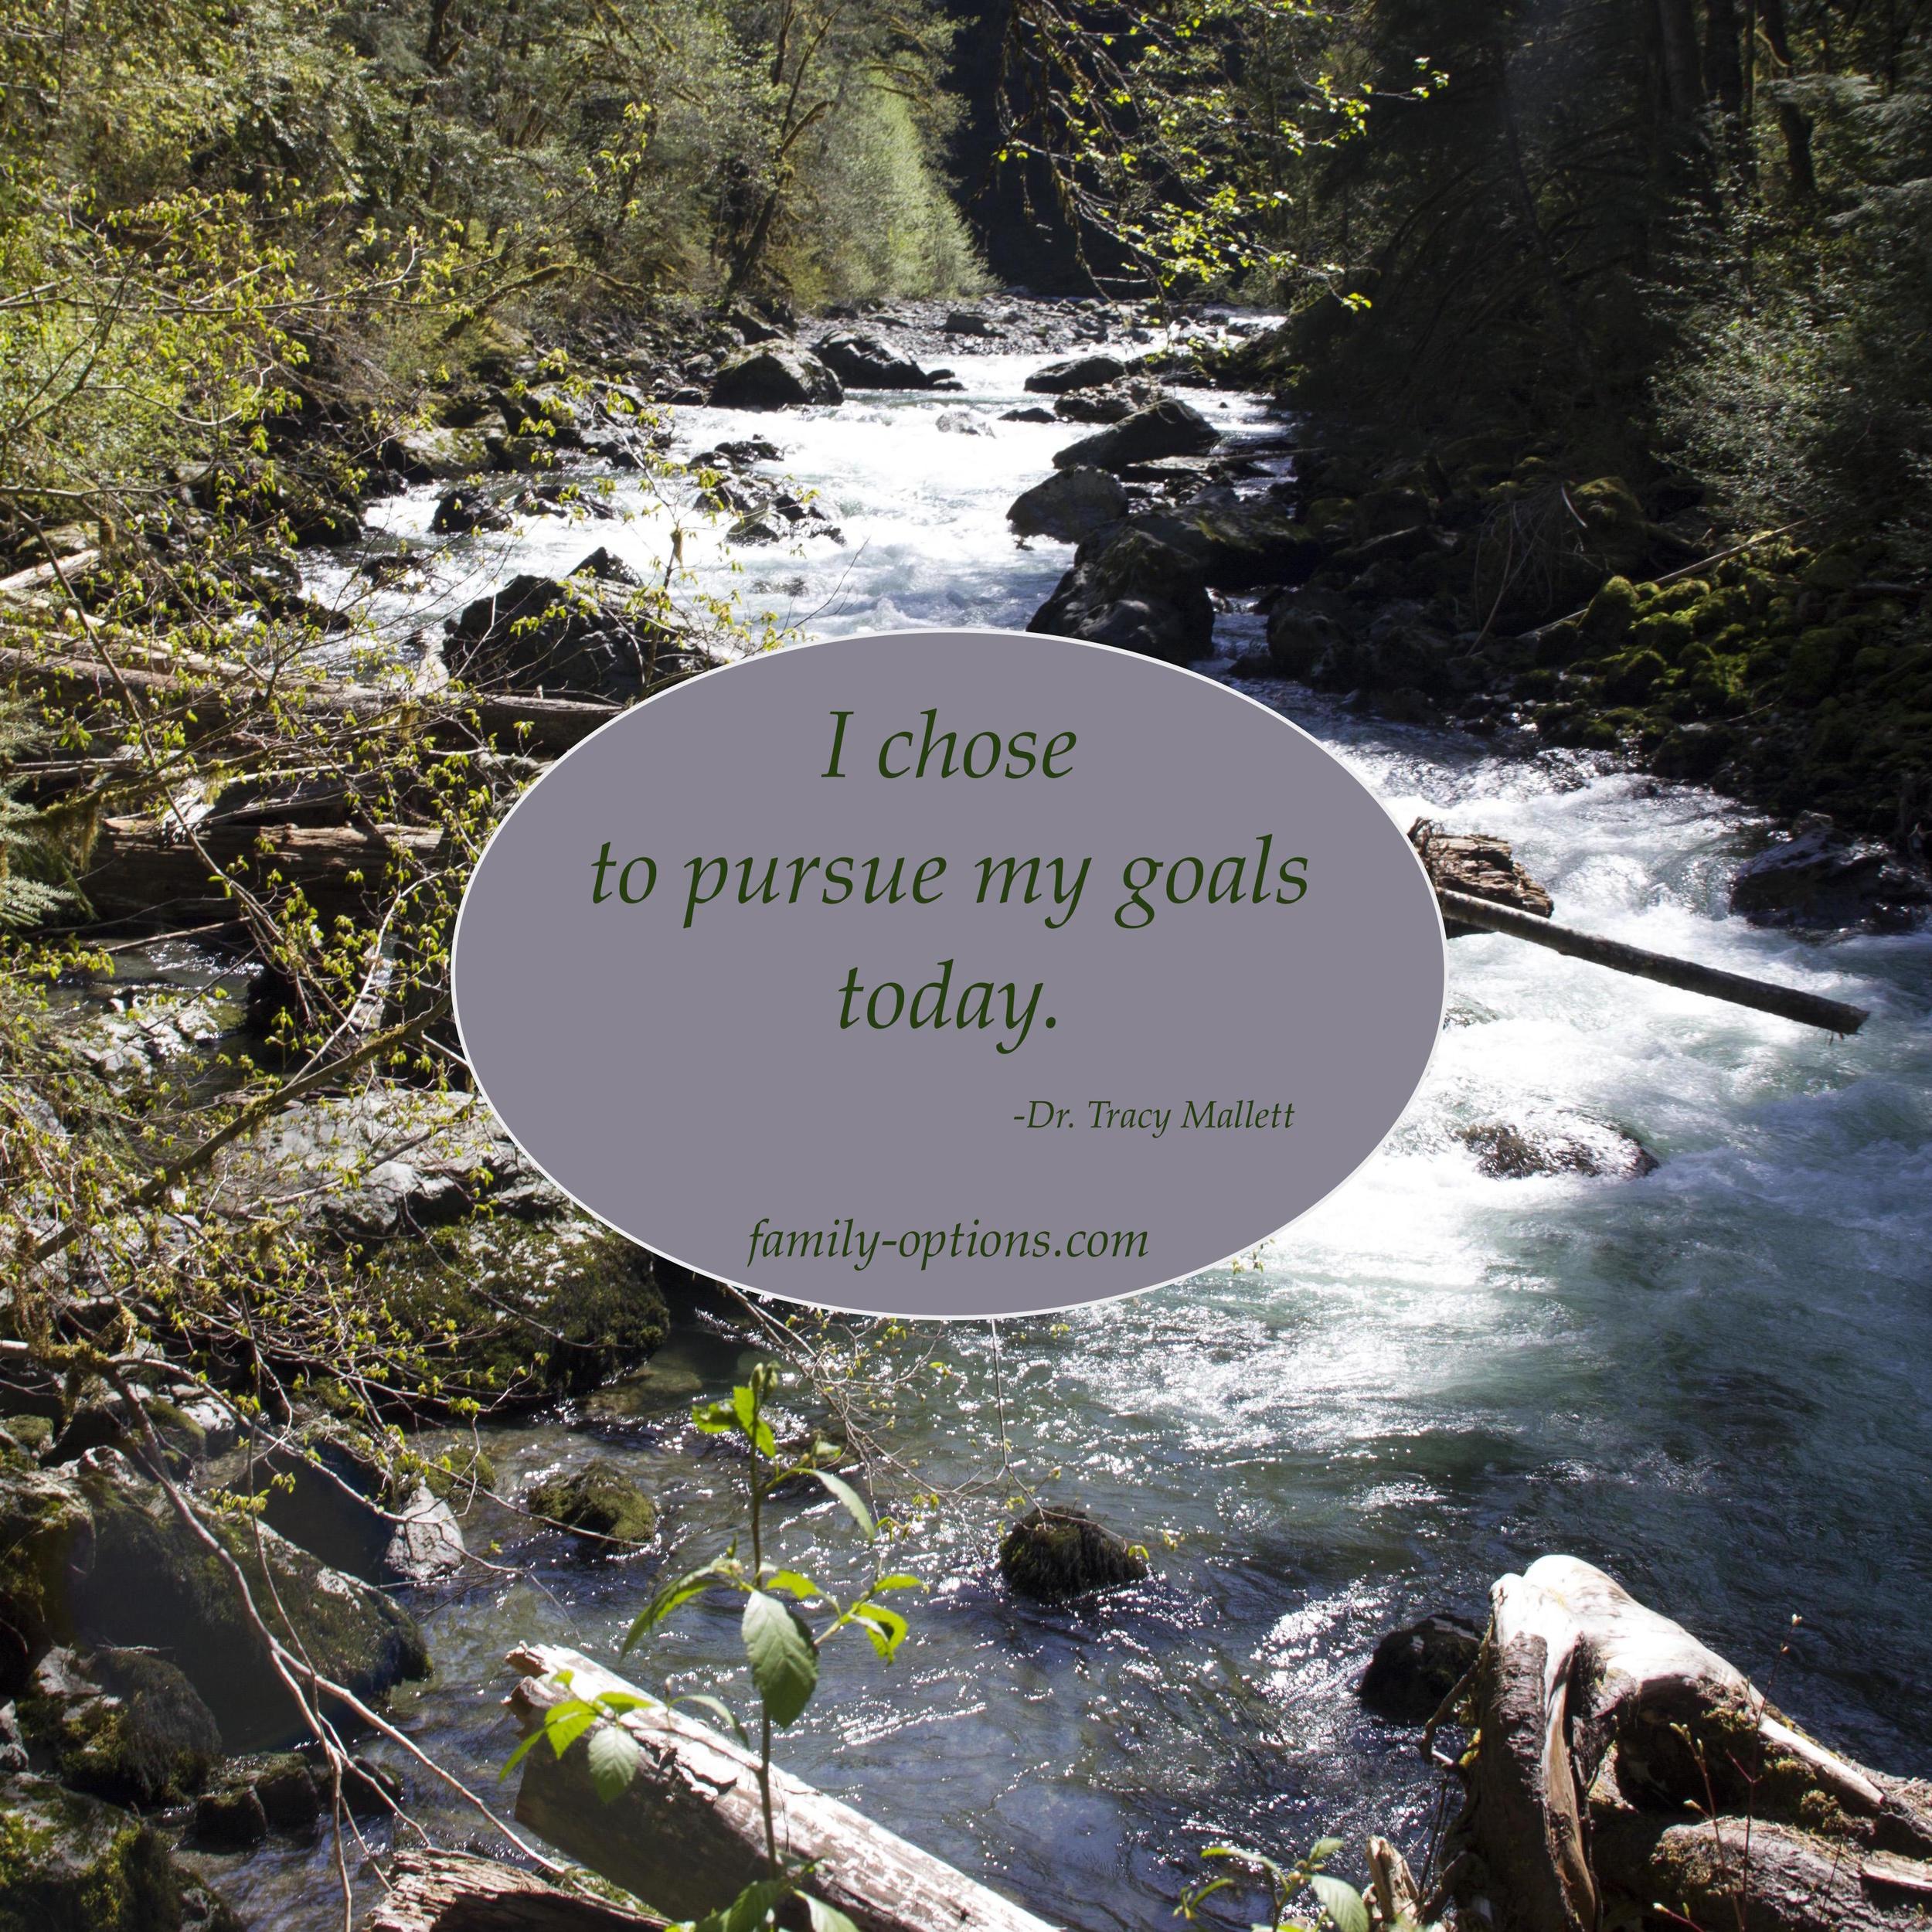 Pursuing goals